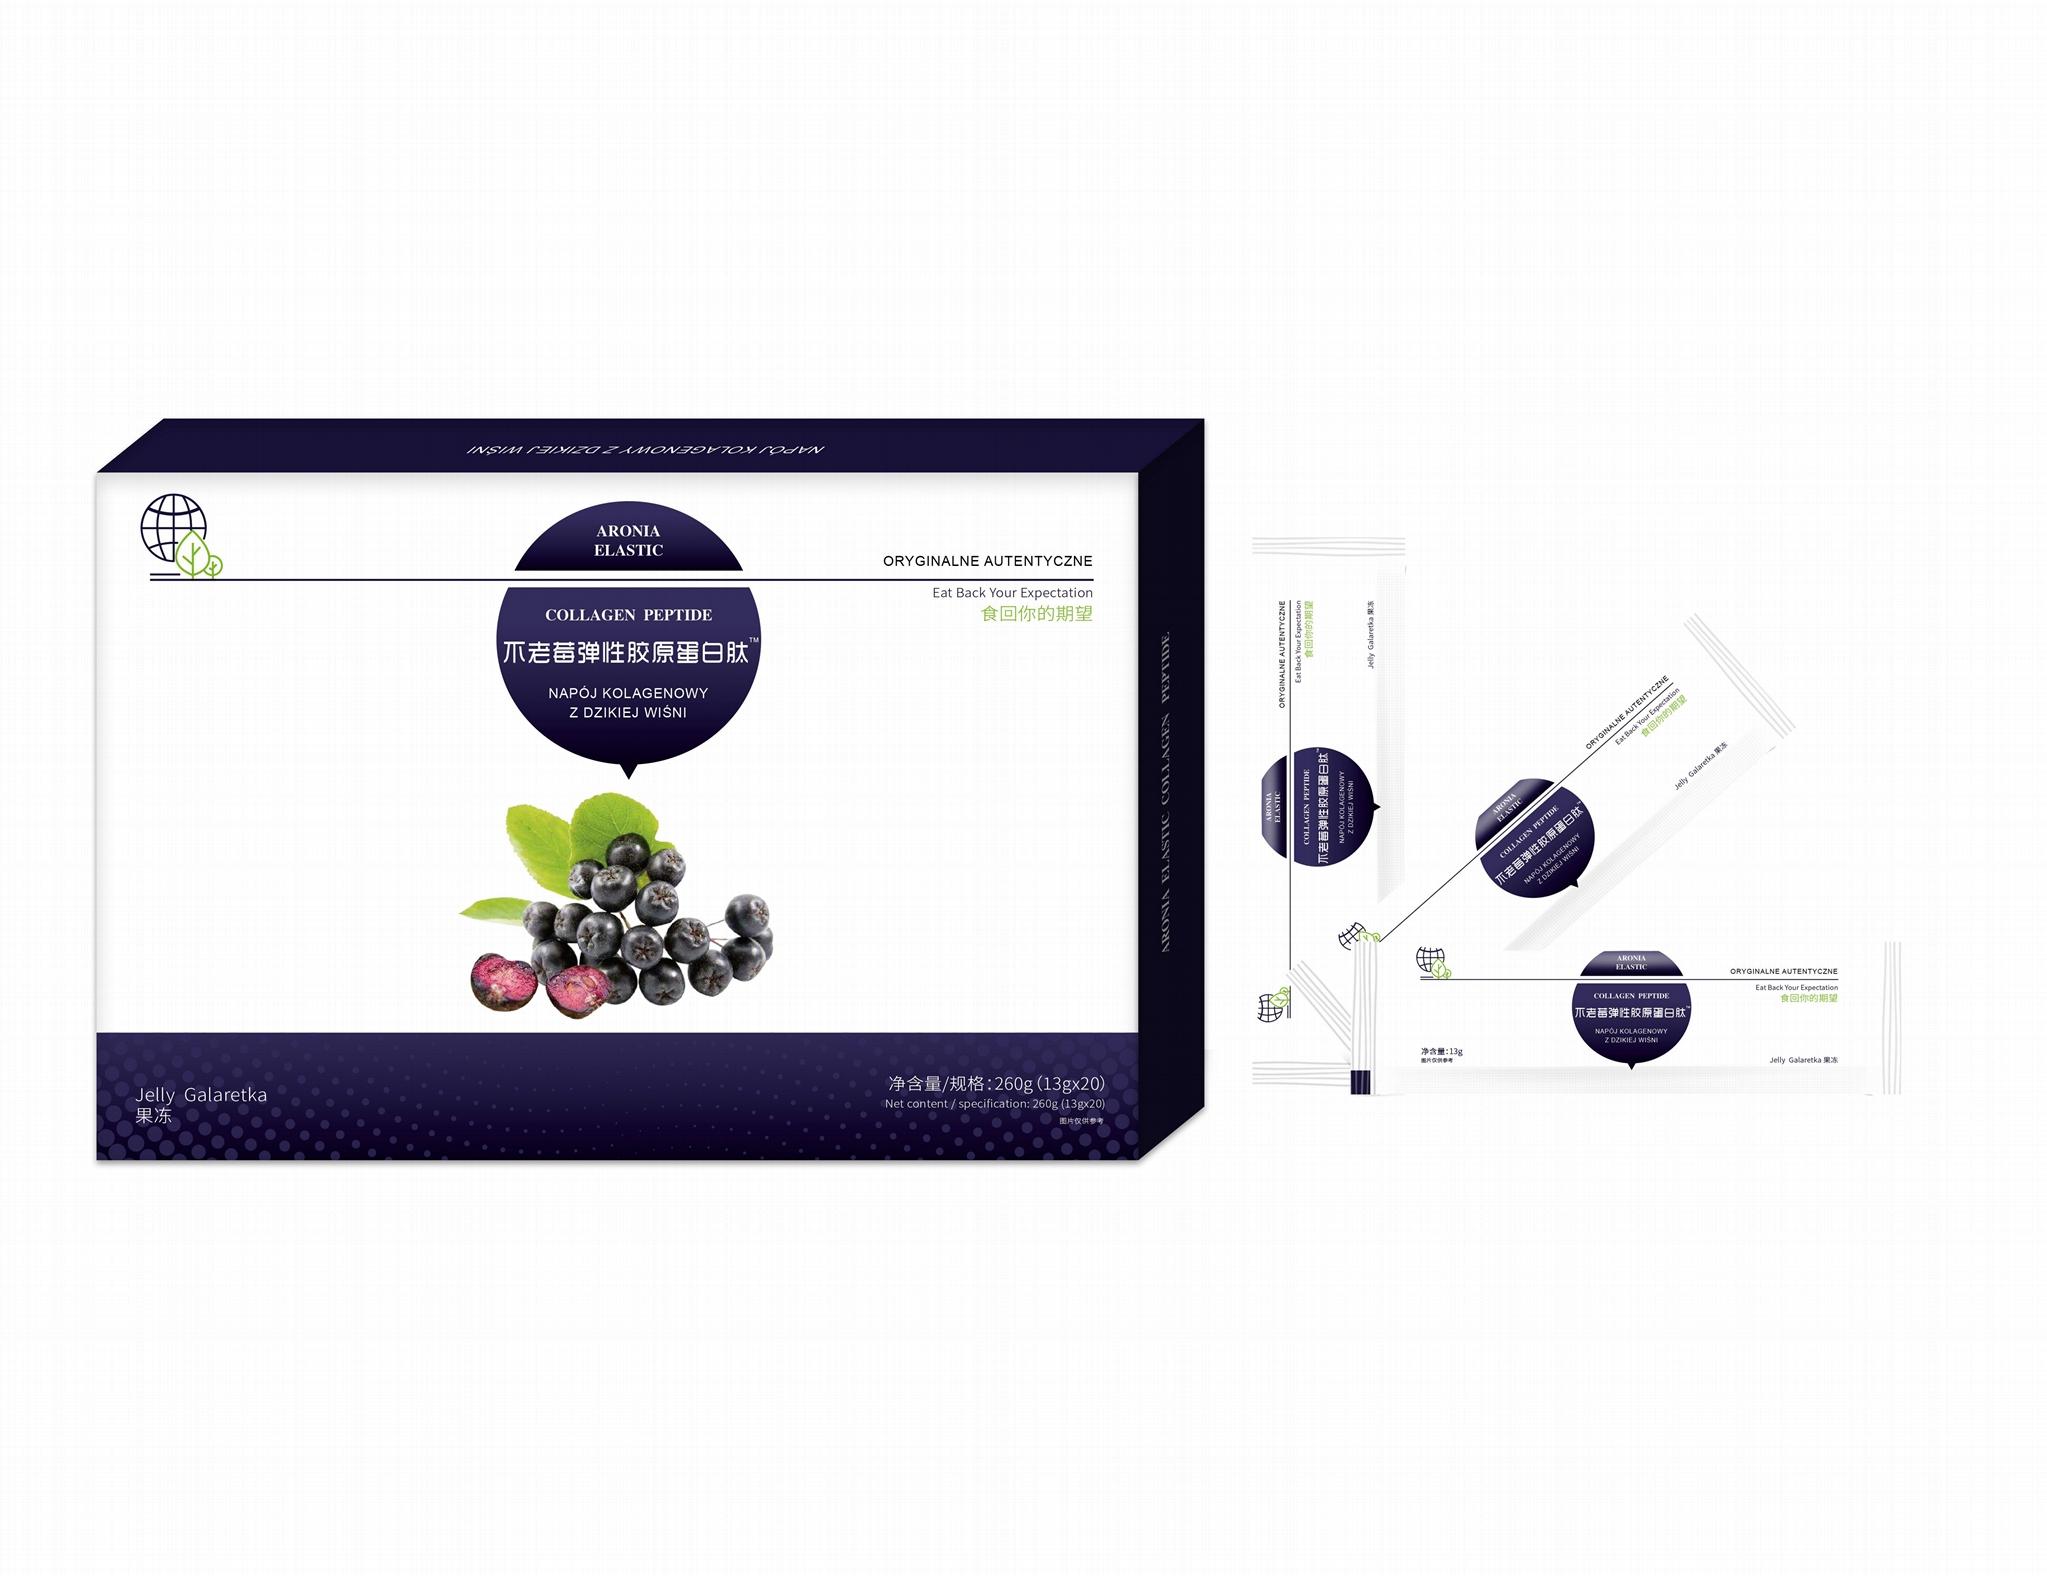 绿优品不老莓弹性胶原蛋白ODM/OEM贴牌代工 2